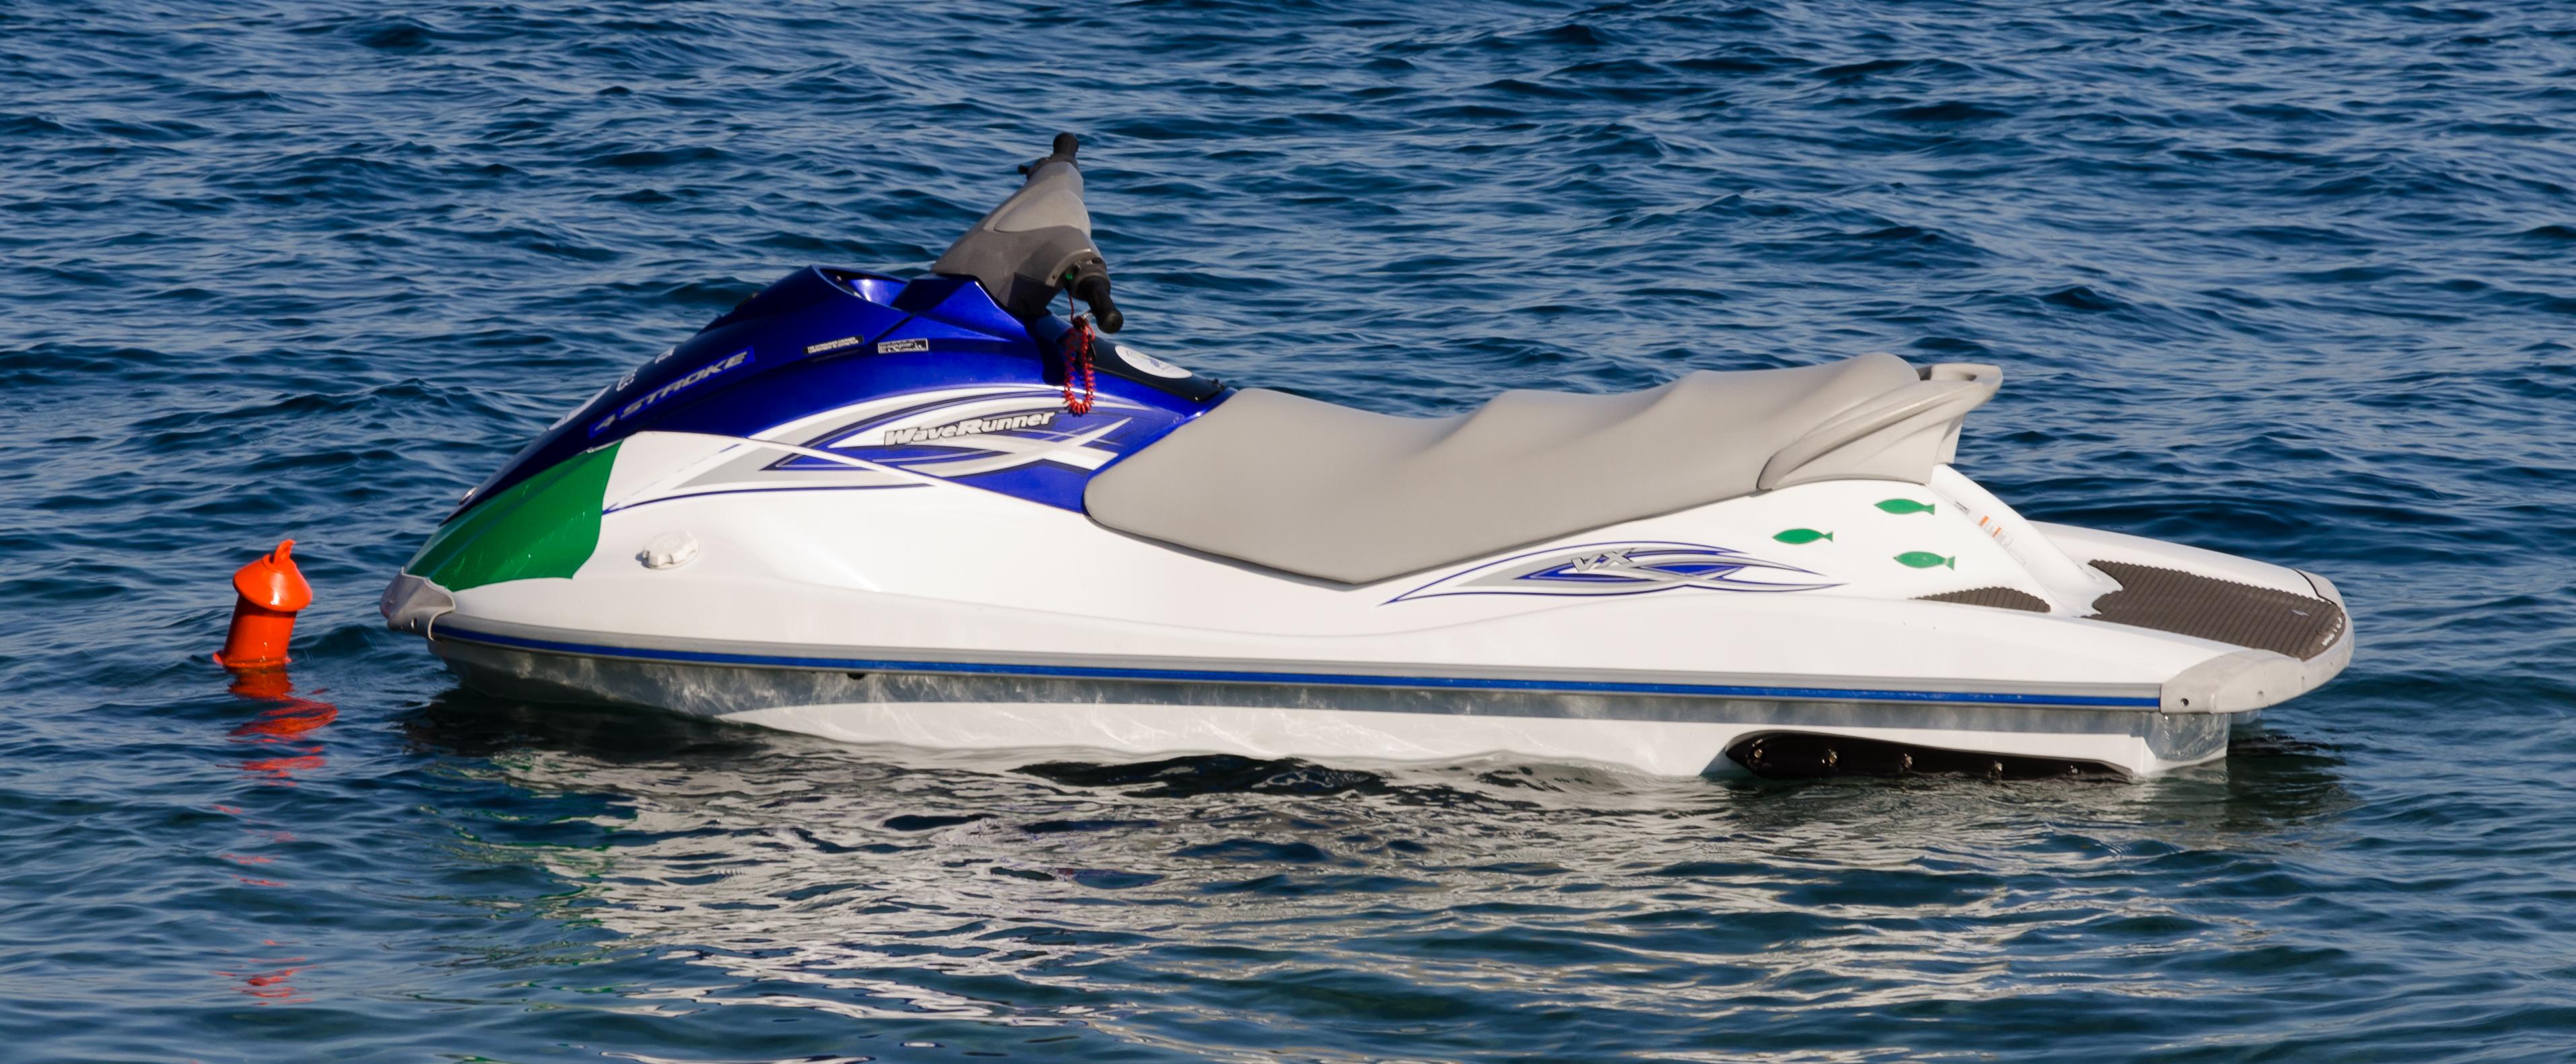 Yamaha Waverunner For Sale